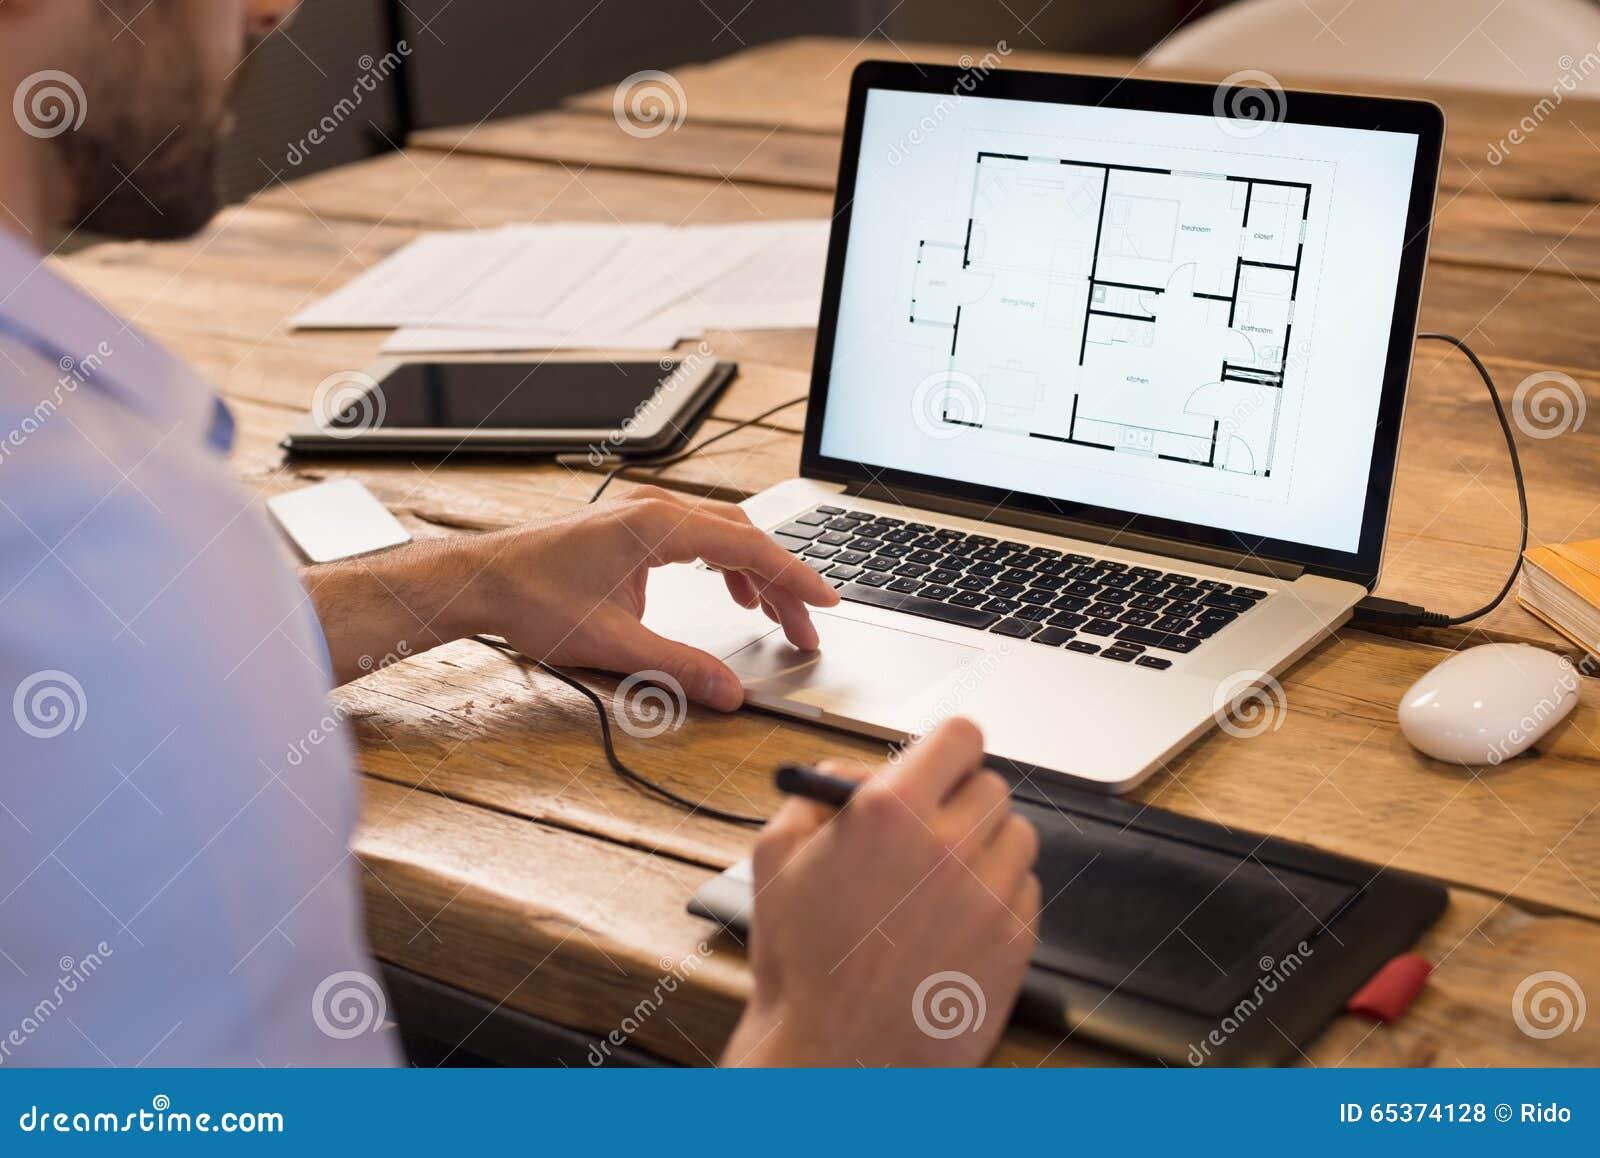 Innenarchitekt  Innenarchitekt Bei Der Arbeit Stockfoto - Bild: 65374128